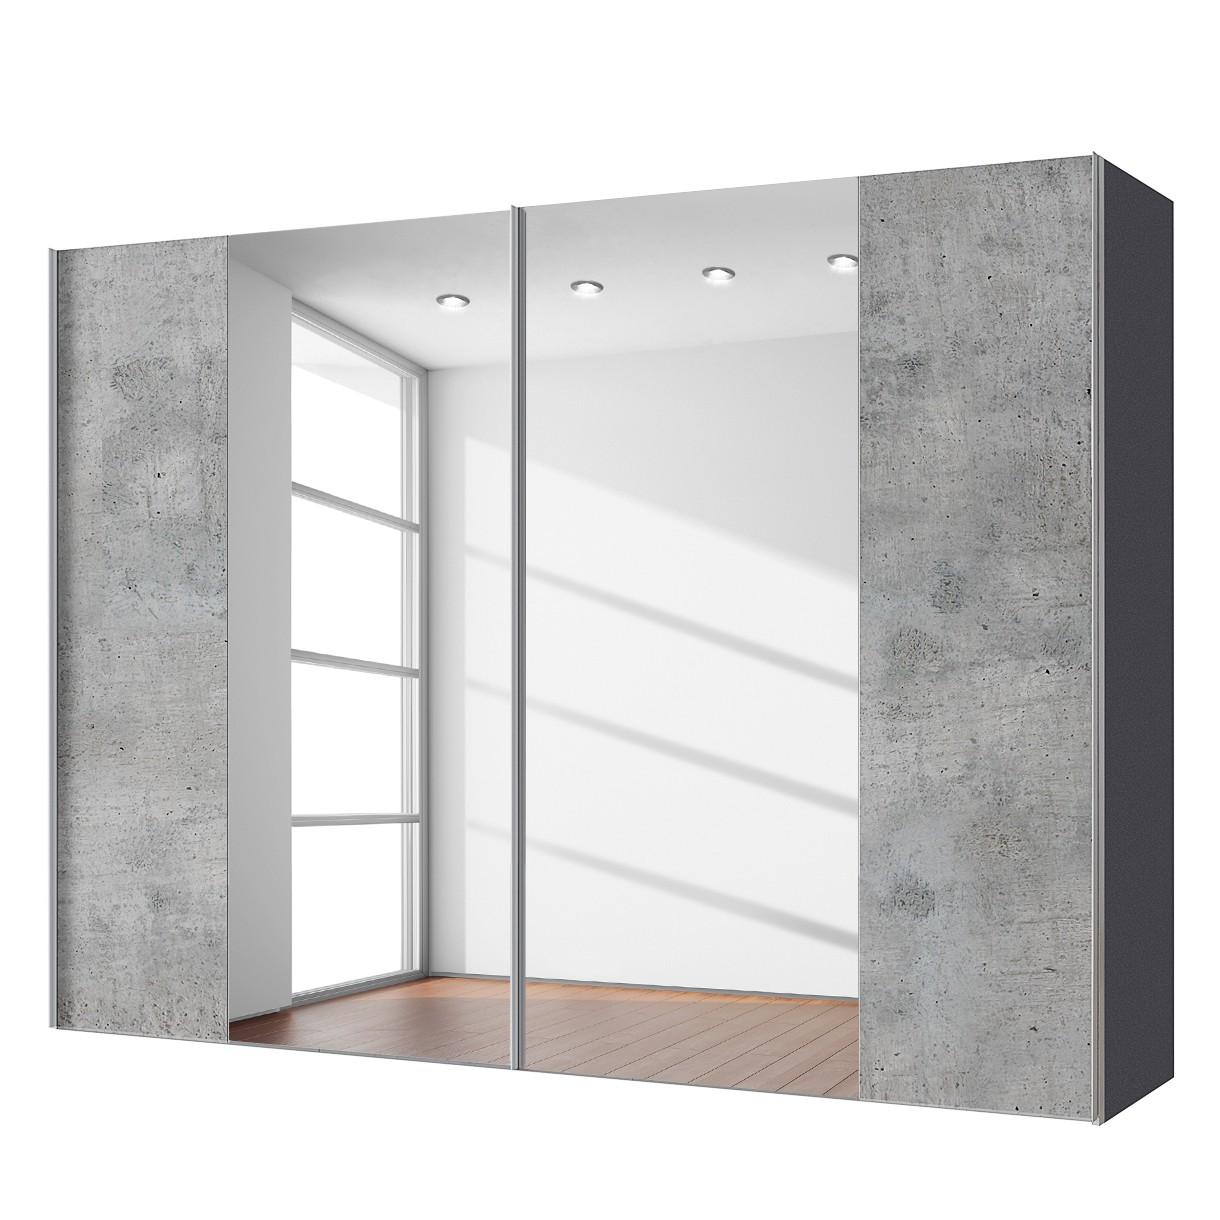 Zweefdeurkast Cando Concrete look Spiegelglas 300cm 2 deurs Express Mobel